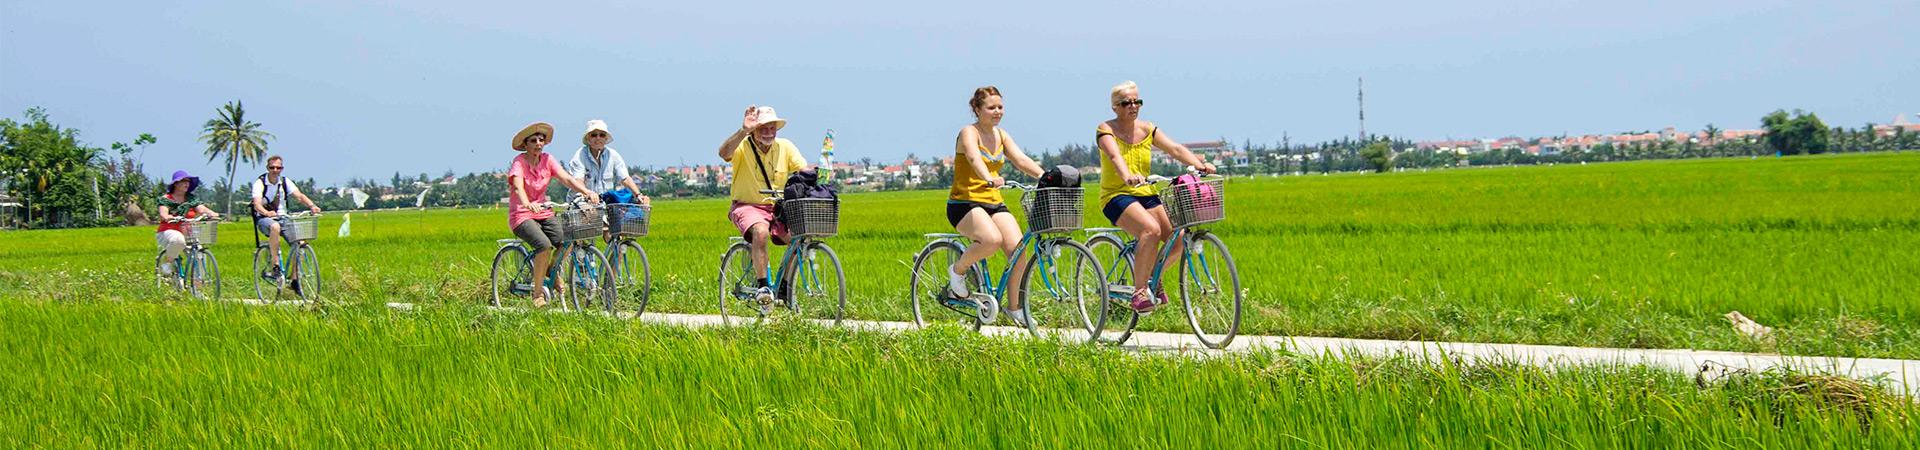 Qu'est ce qu'il faut faire pour le voyage en famille au Vietnam